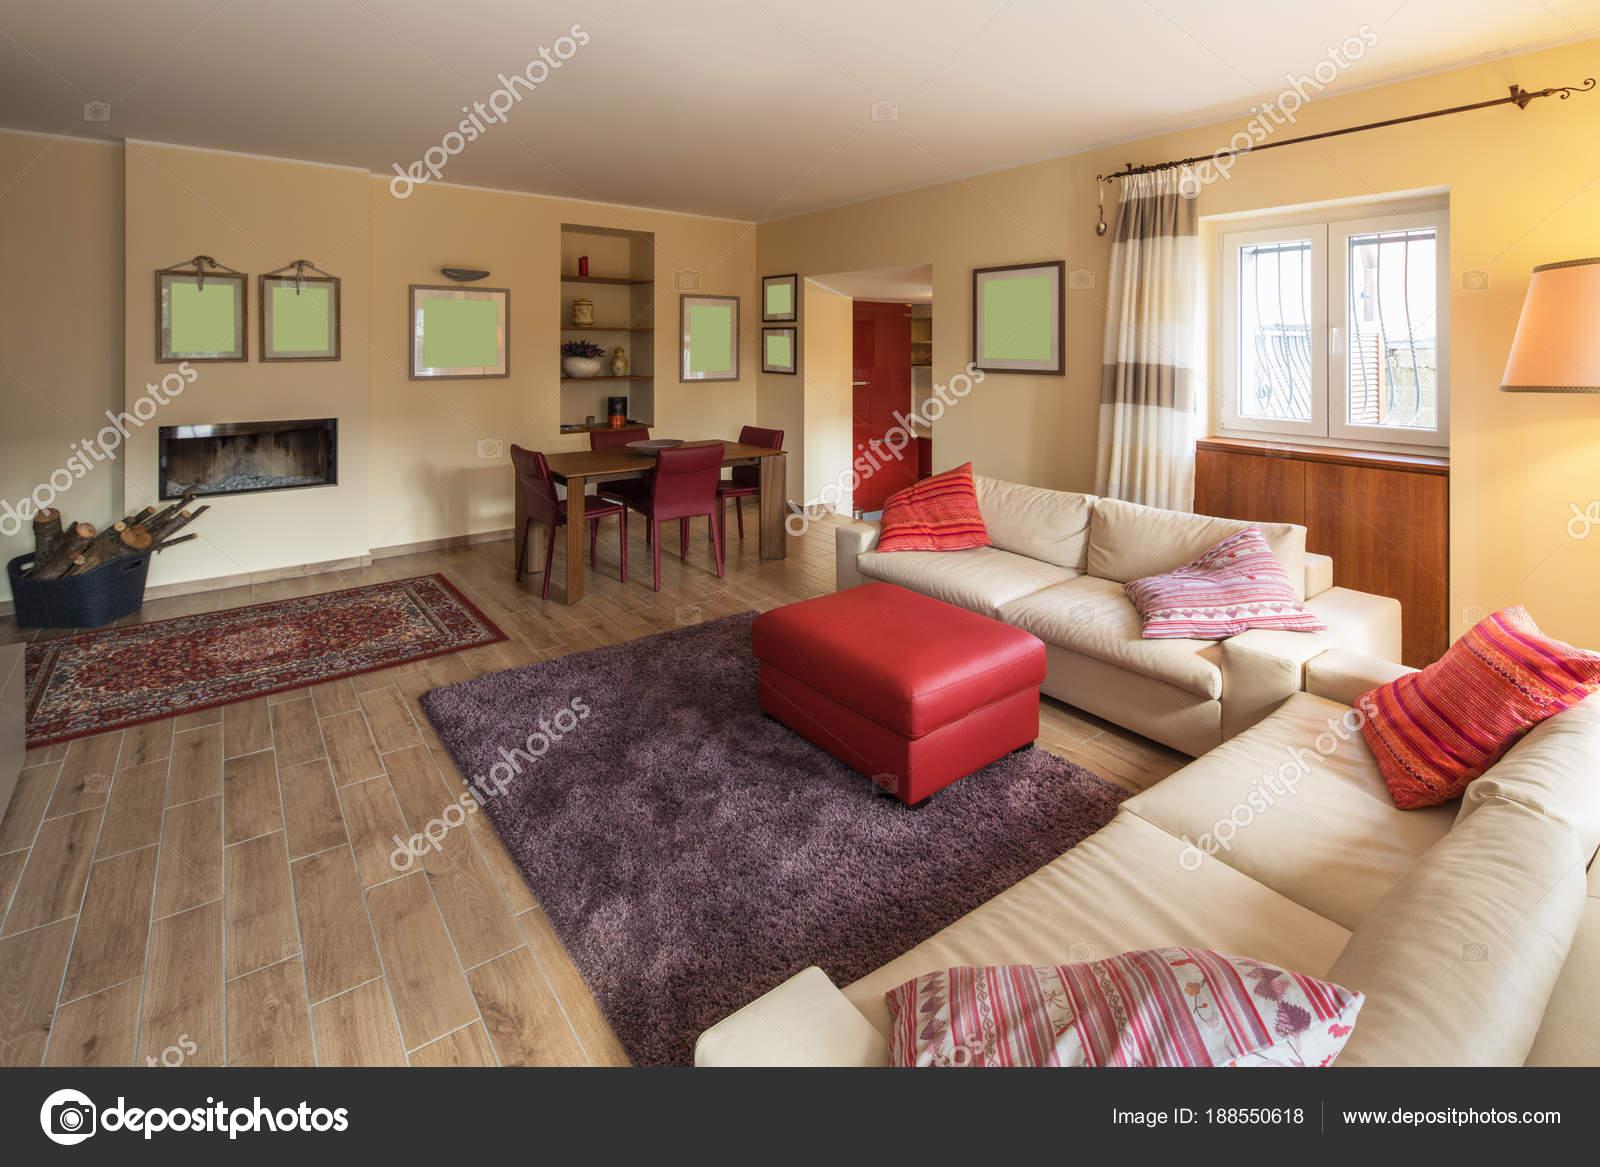 Soggiorno arredato in un moderno appartamento — Foto Stock © Zveiger ...